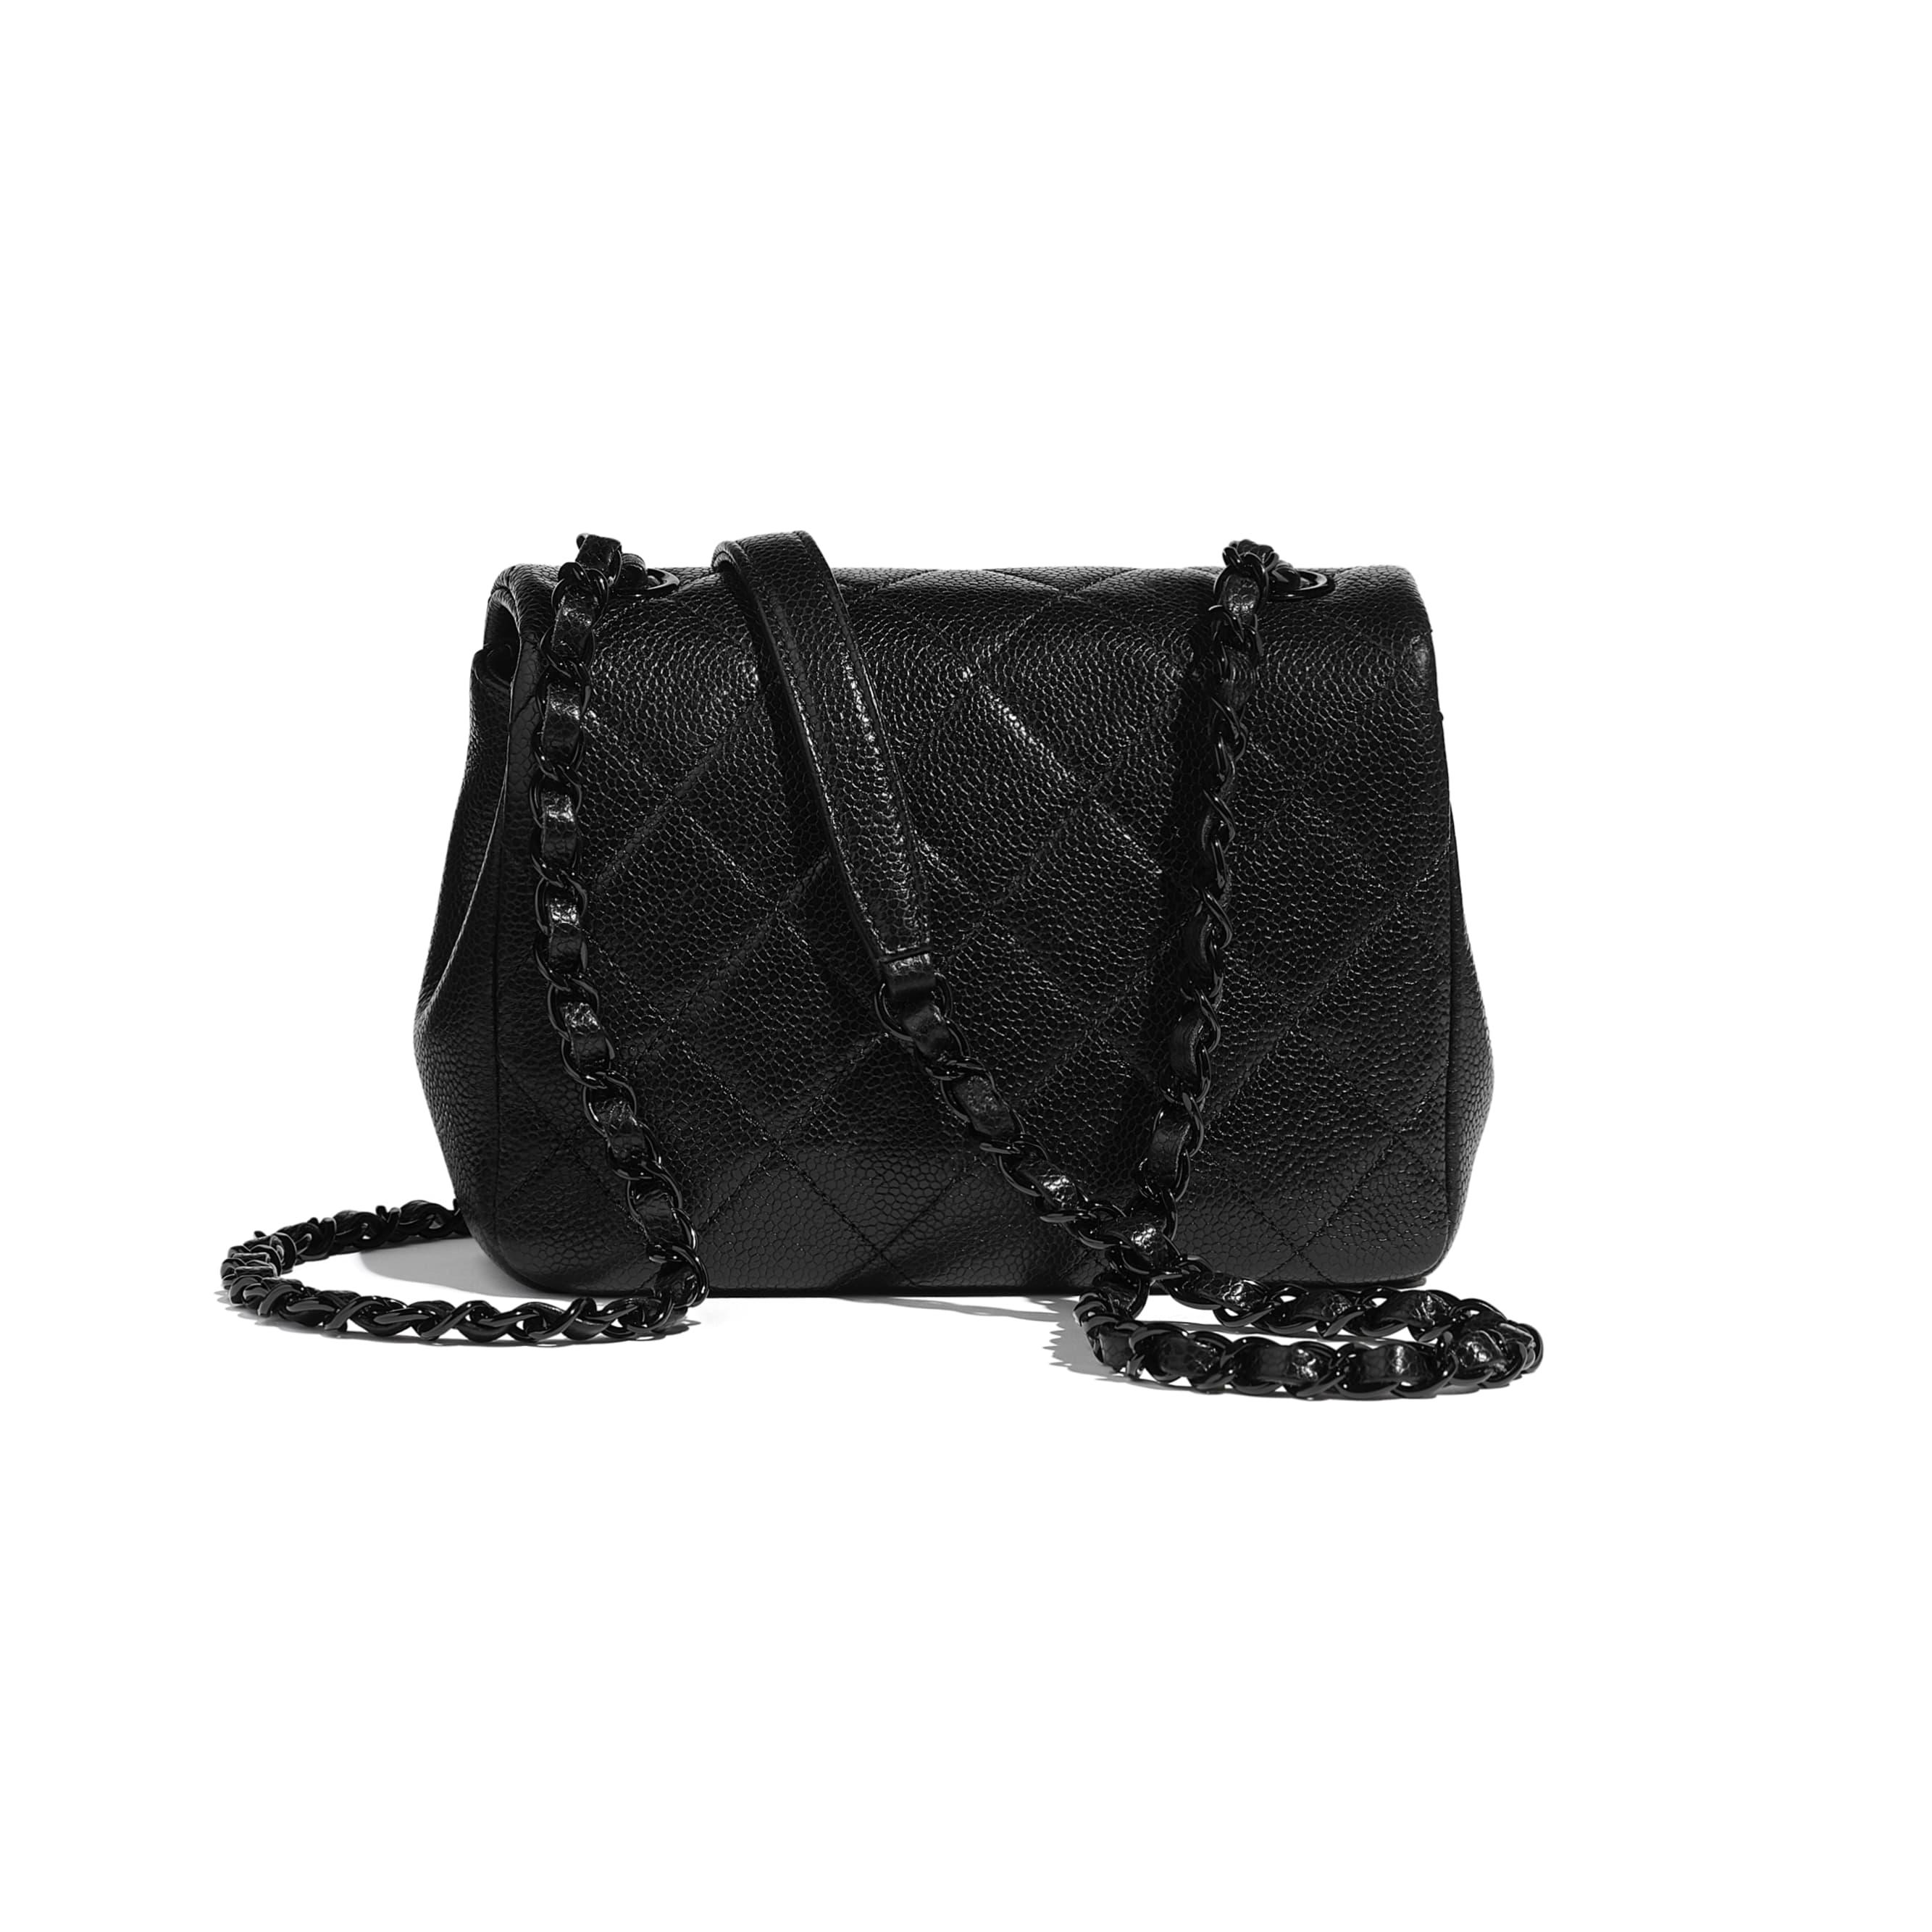 Bolso con solapa - Negro - Piel de ternera granulada y metal lacado - CHANEL - Vista alternativa - ver la versión tamaño estándar